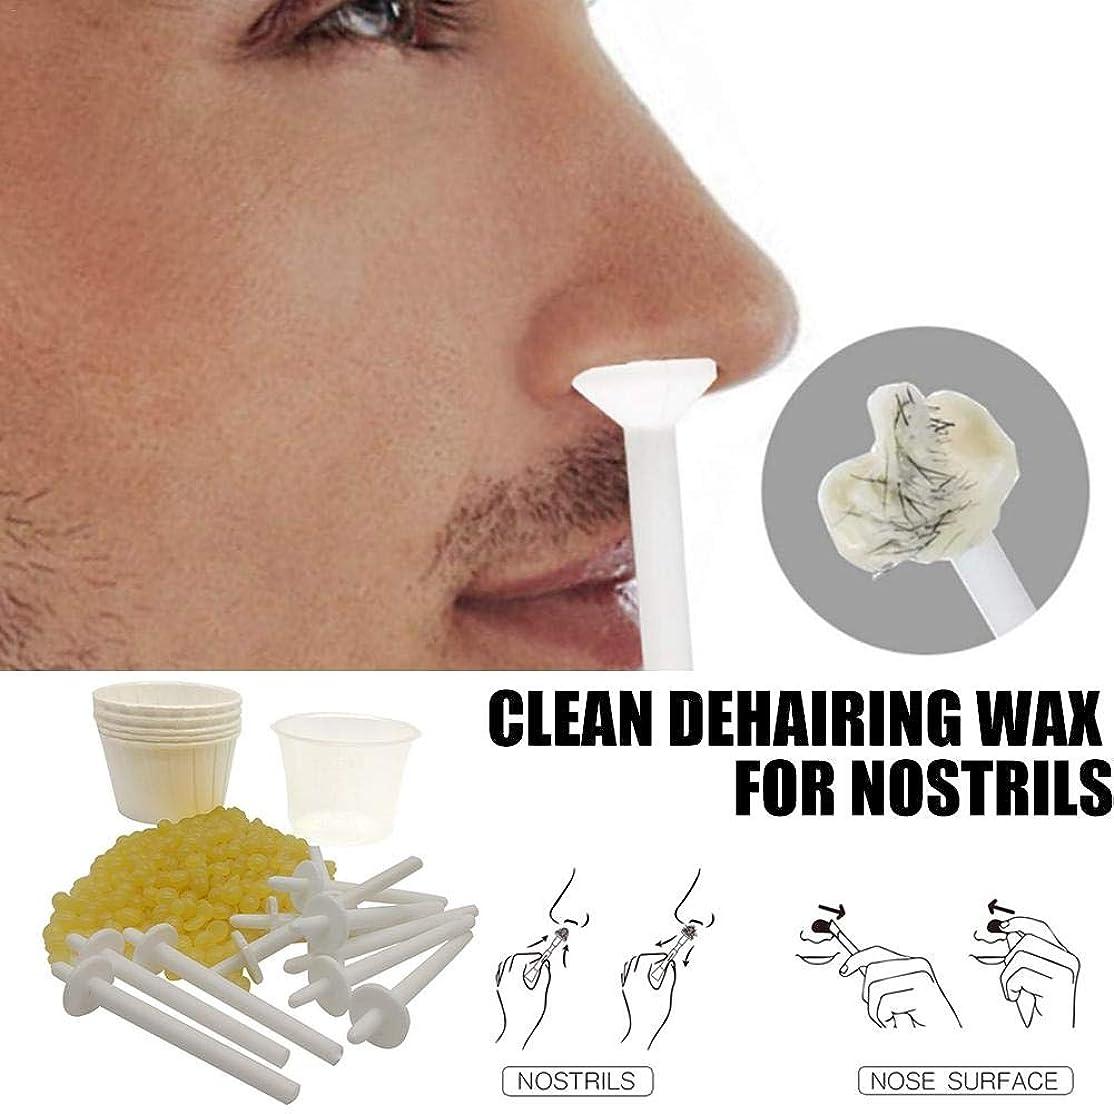 銃乗り出す上記の頭と肩SILUN 鼻毛除去ワックスキット 鼻毛除去化粧道具 ノーズワックスポッド ポータブル道具 迅速かつ無痛 (50グラム/ 10回使用回数)